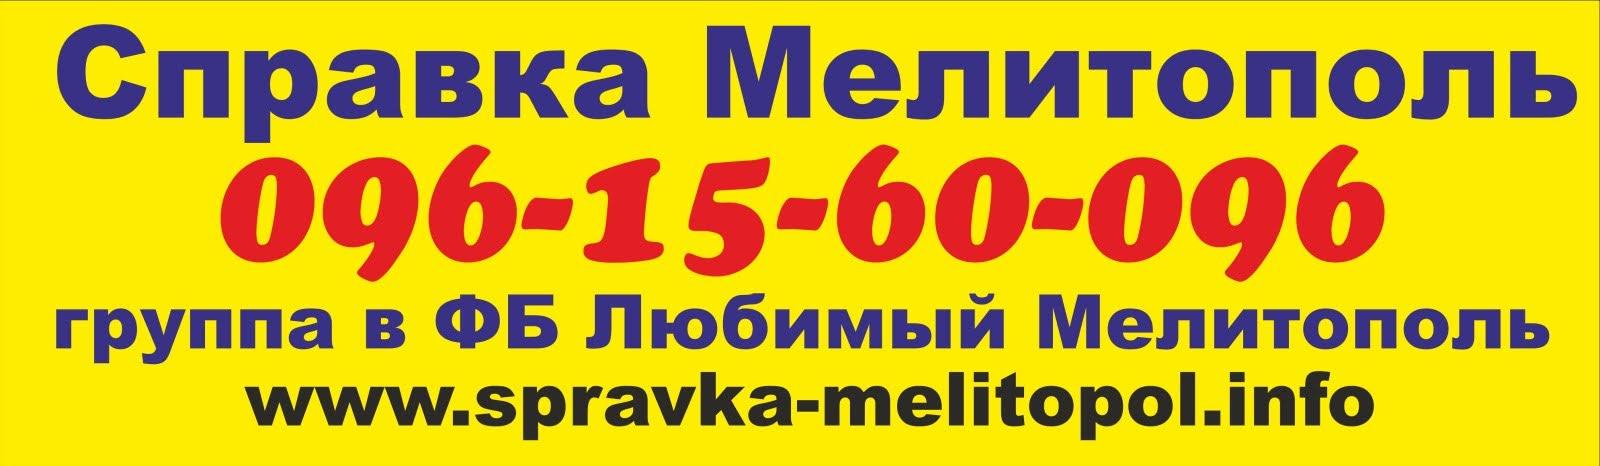 Справочник Мелитополя